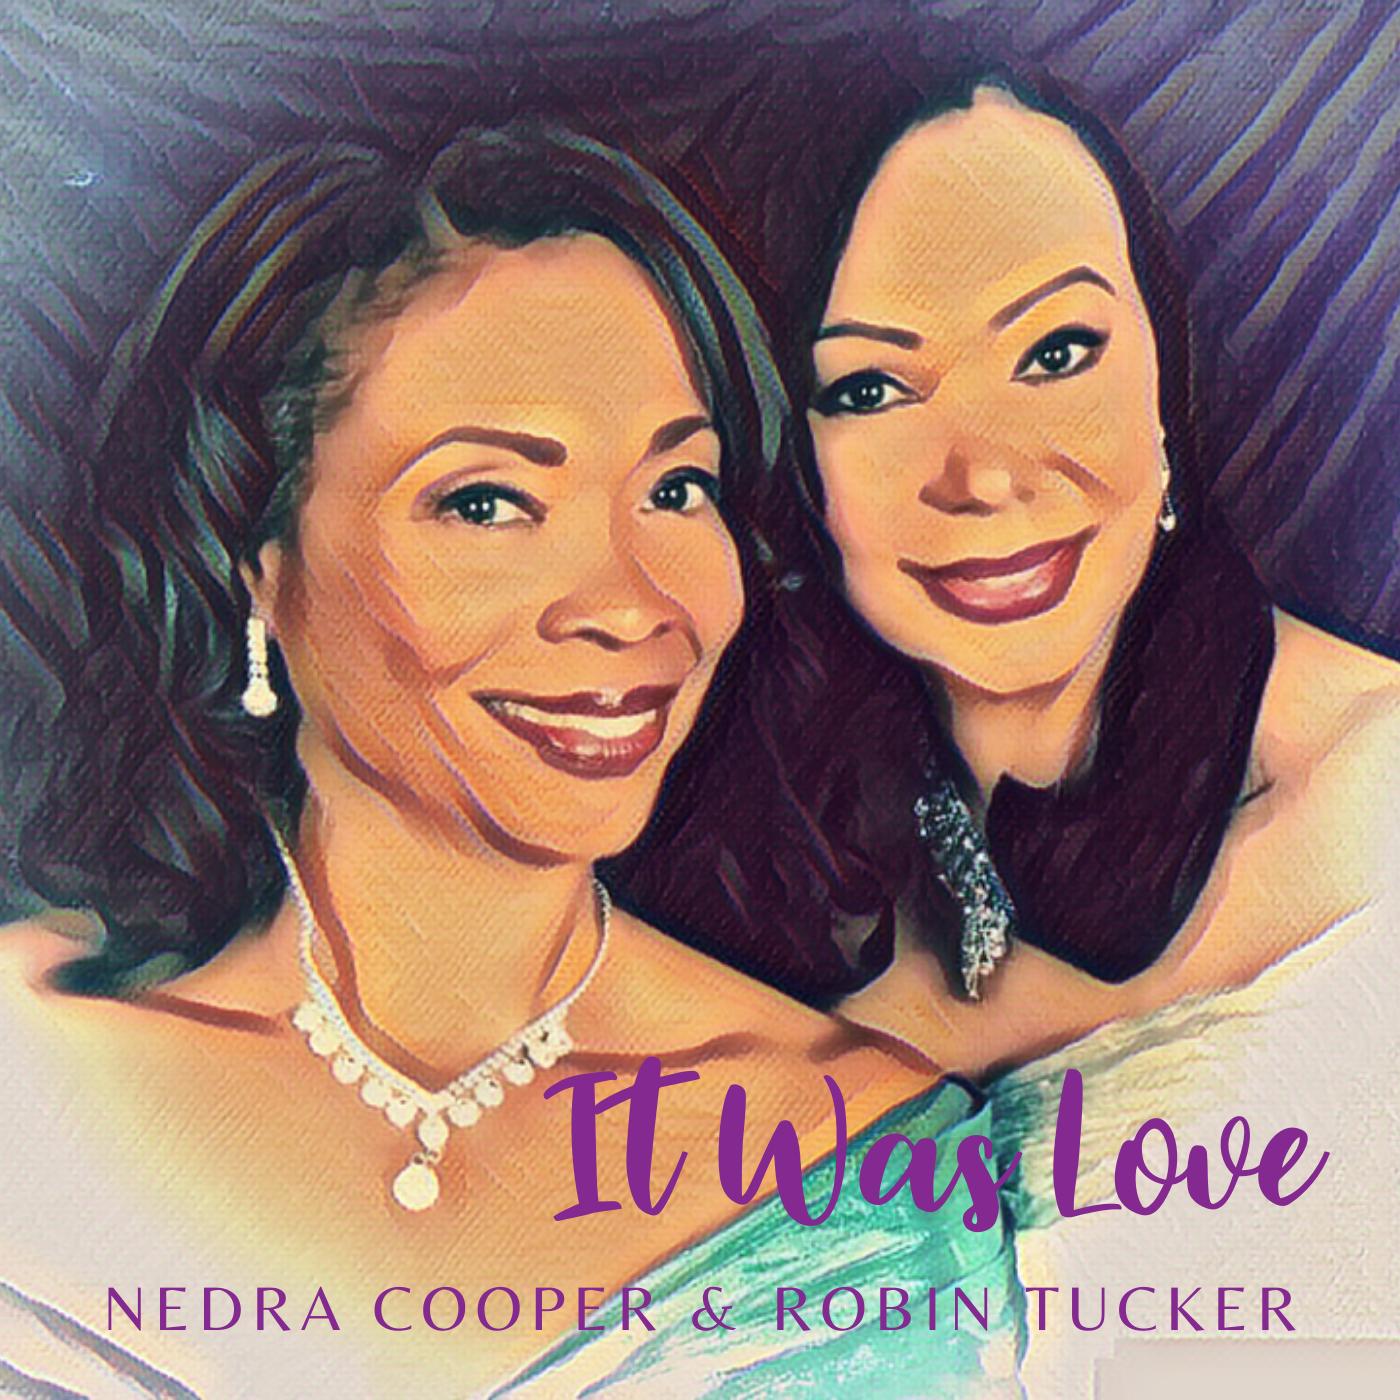 Nedra Cooper & Robin Tucker